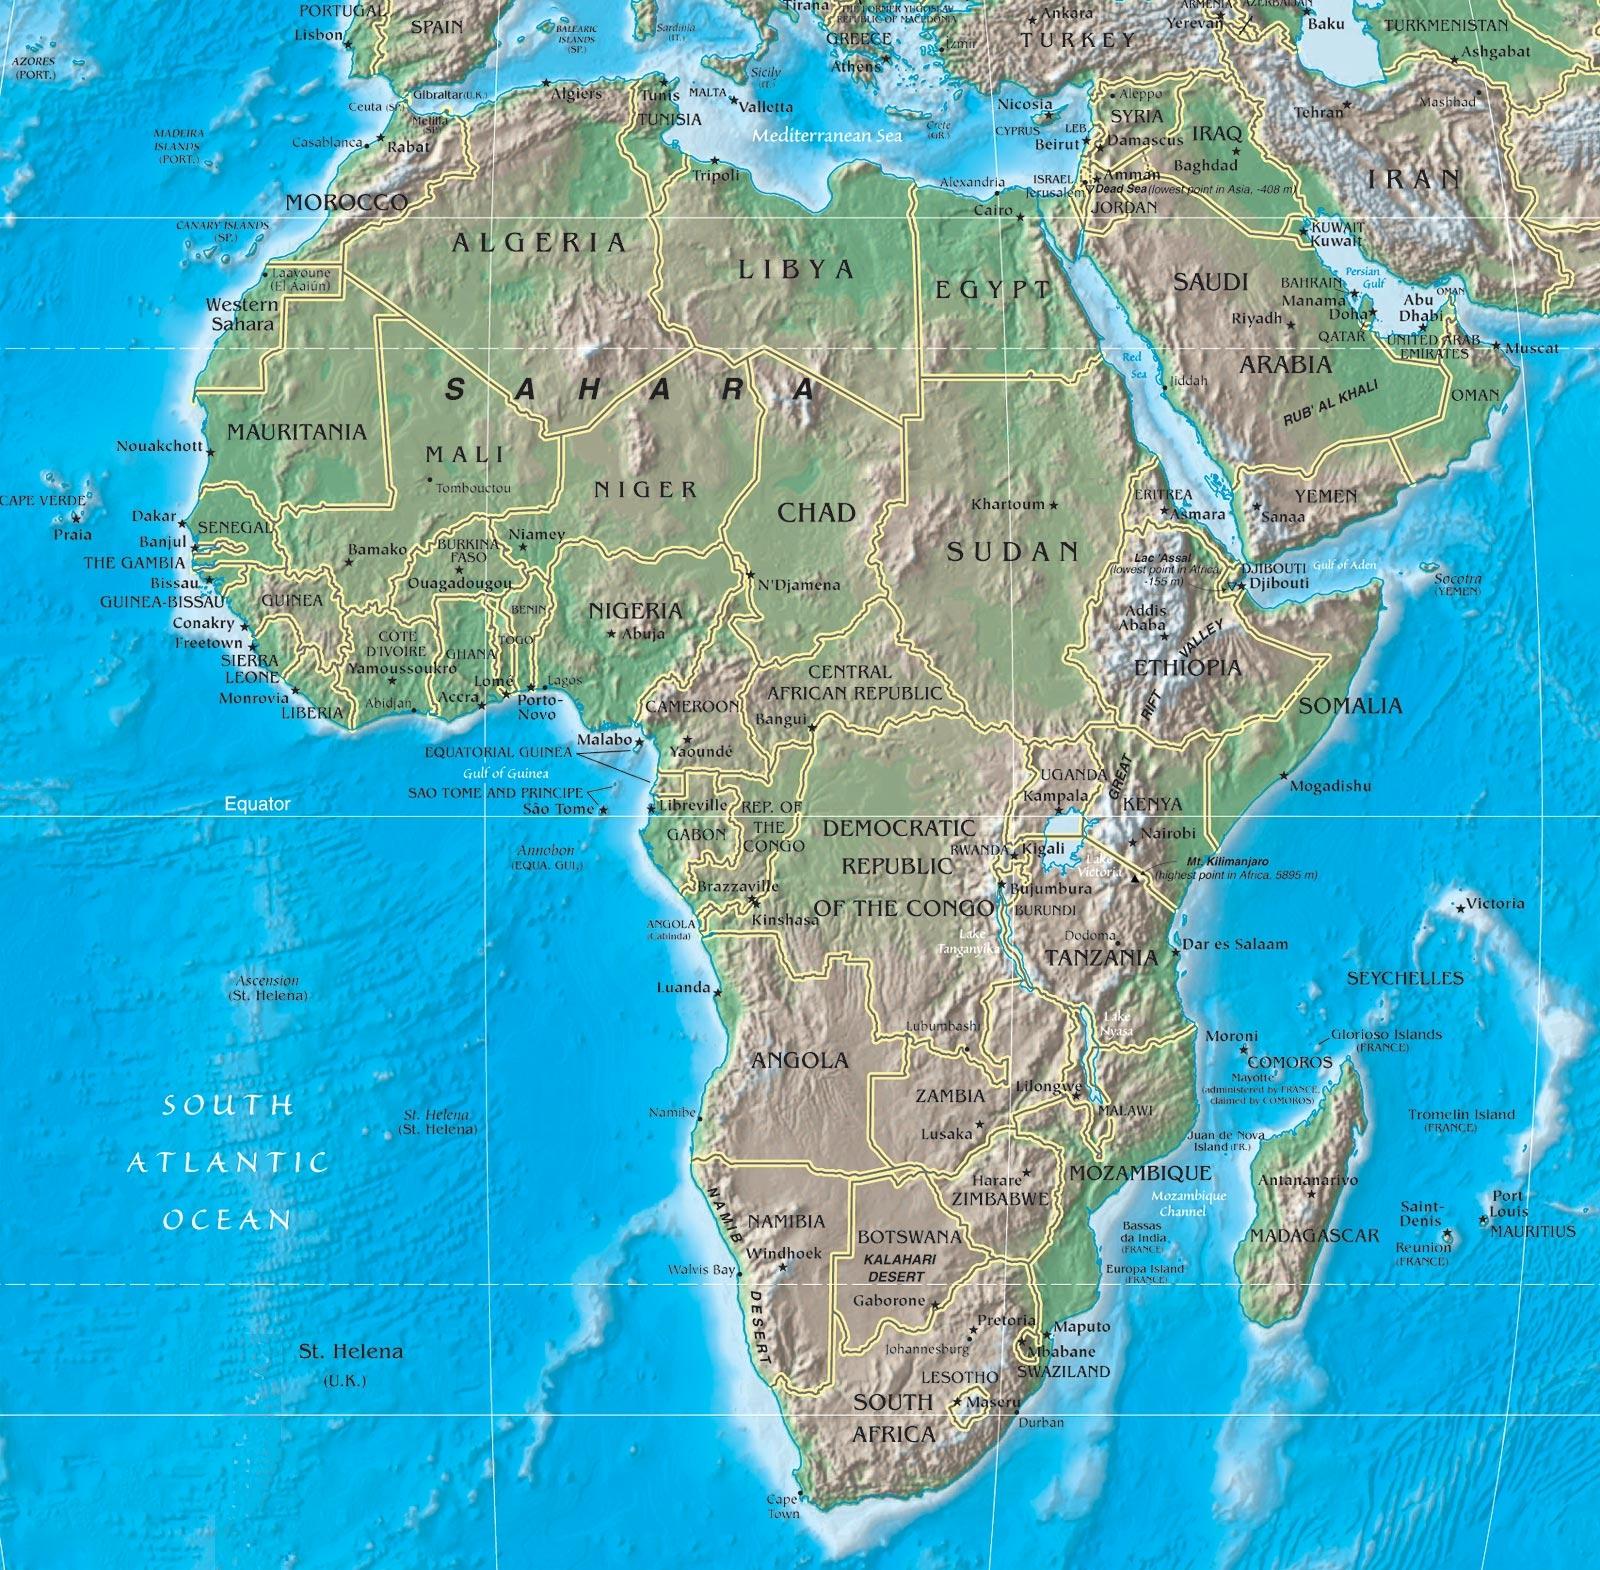 Mappa fisica dell'Africa